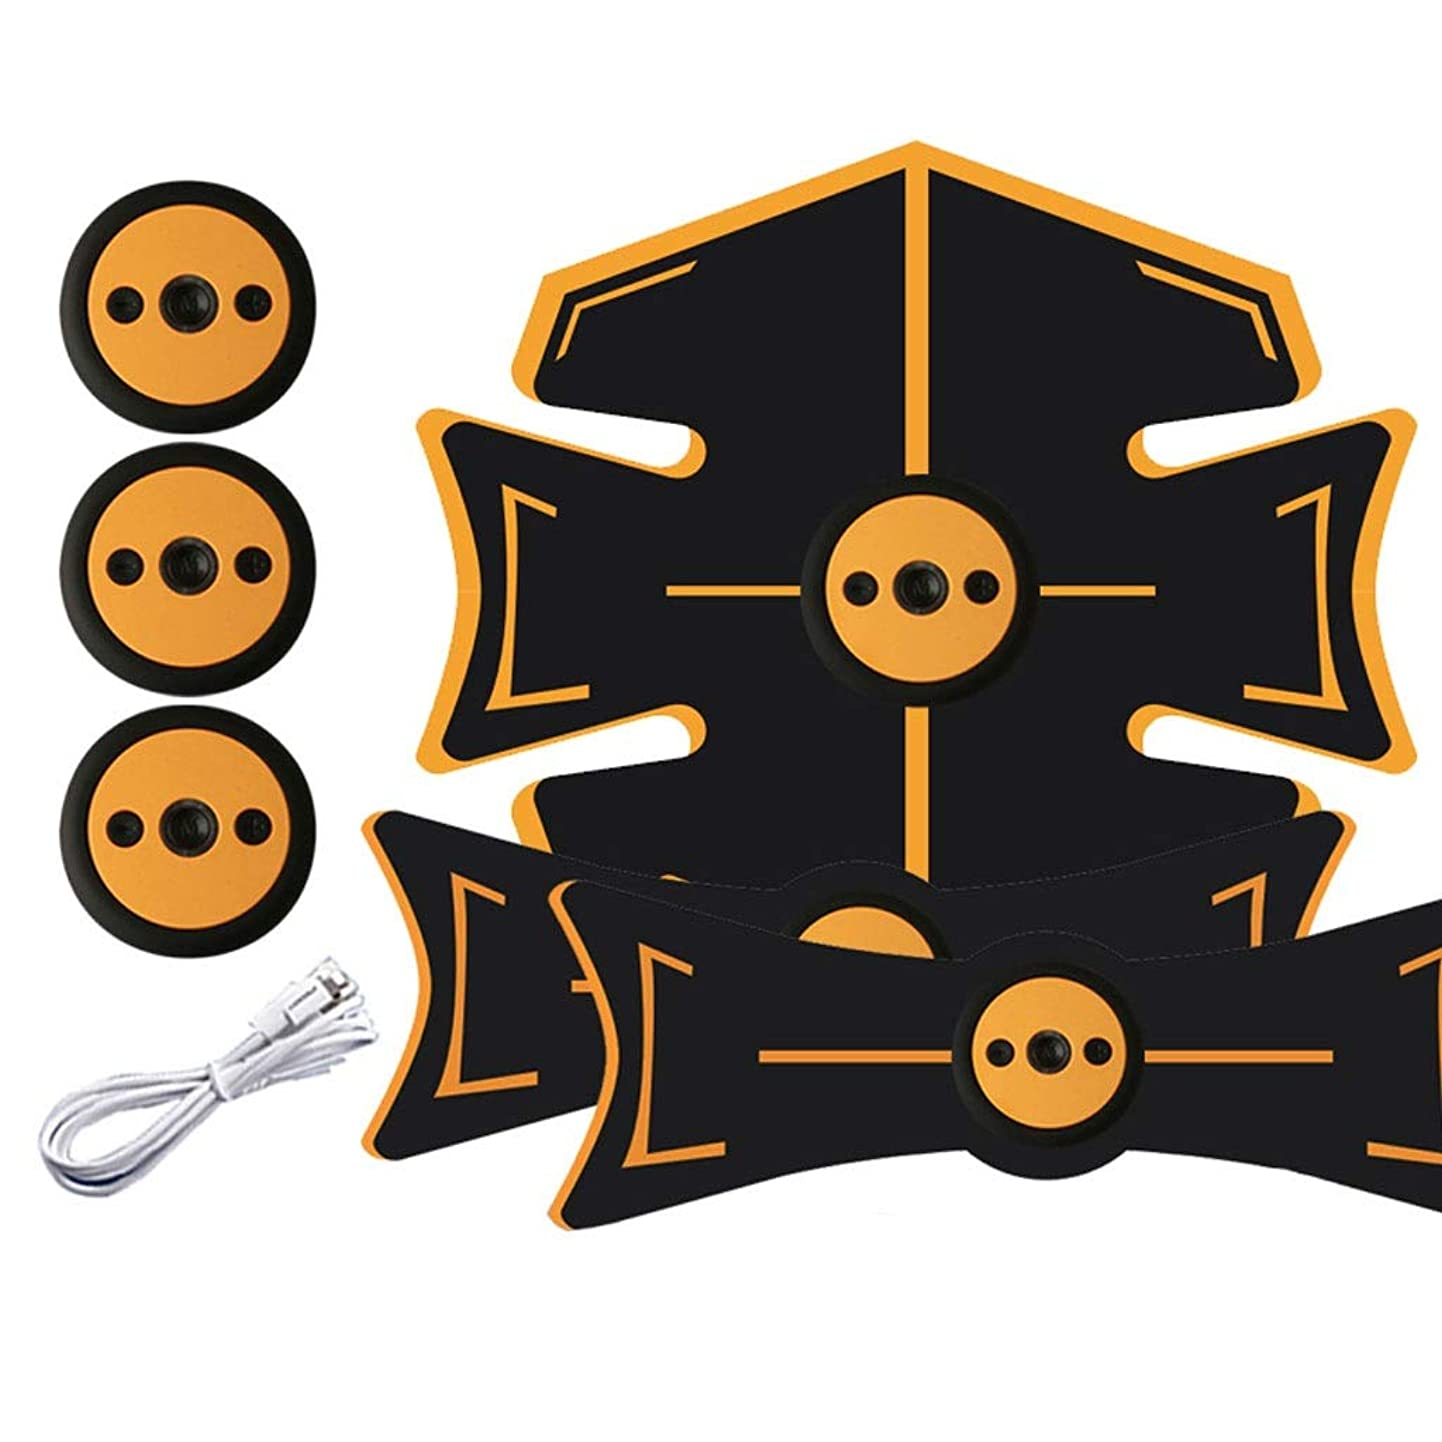 財団芽枕腹部刺激装置、腹部調色ベルト、マッスルトナー、ポータブルマッスルトレーナー、ボディマッスルフィットネストレーナー9モード&15レベル腹部用シンプル操作